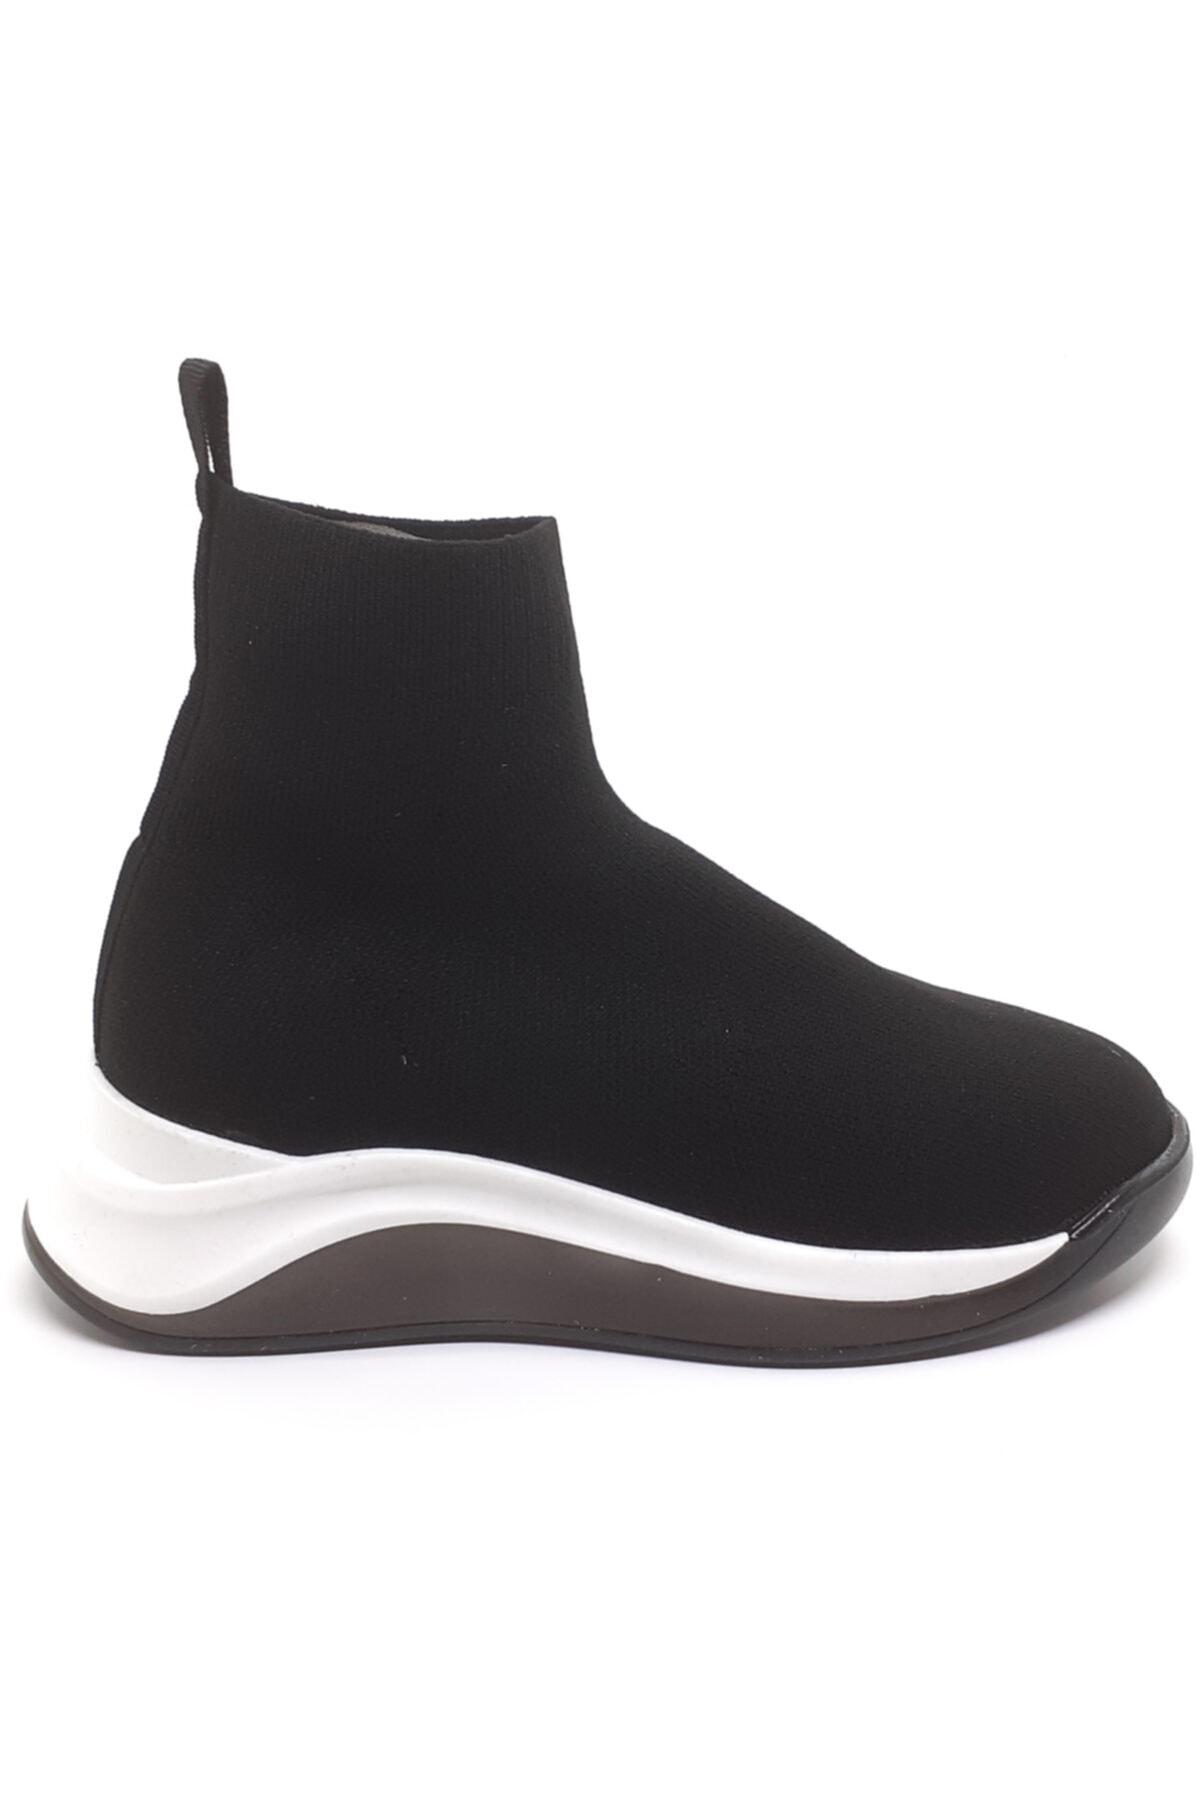 Cudo Kadın Siyah Çorap Bot 1